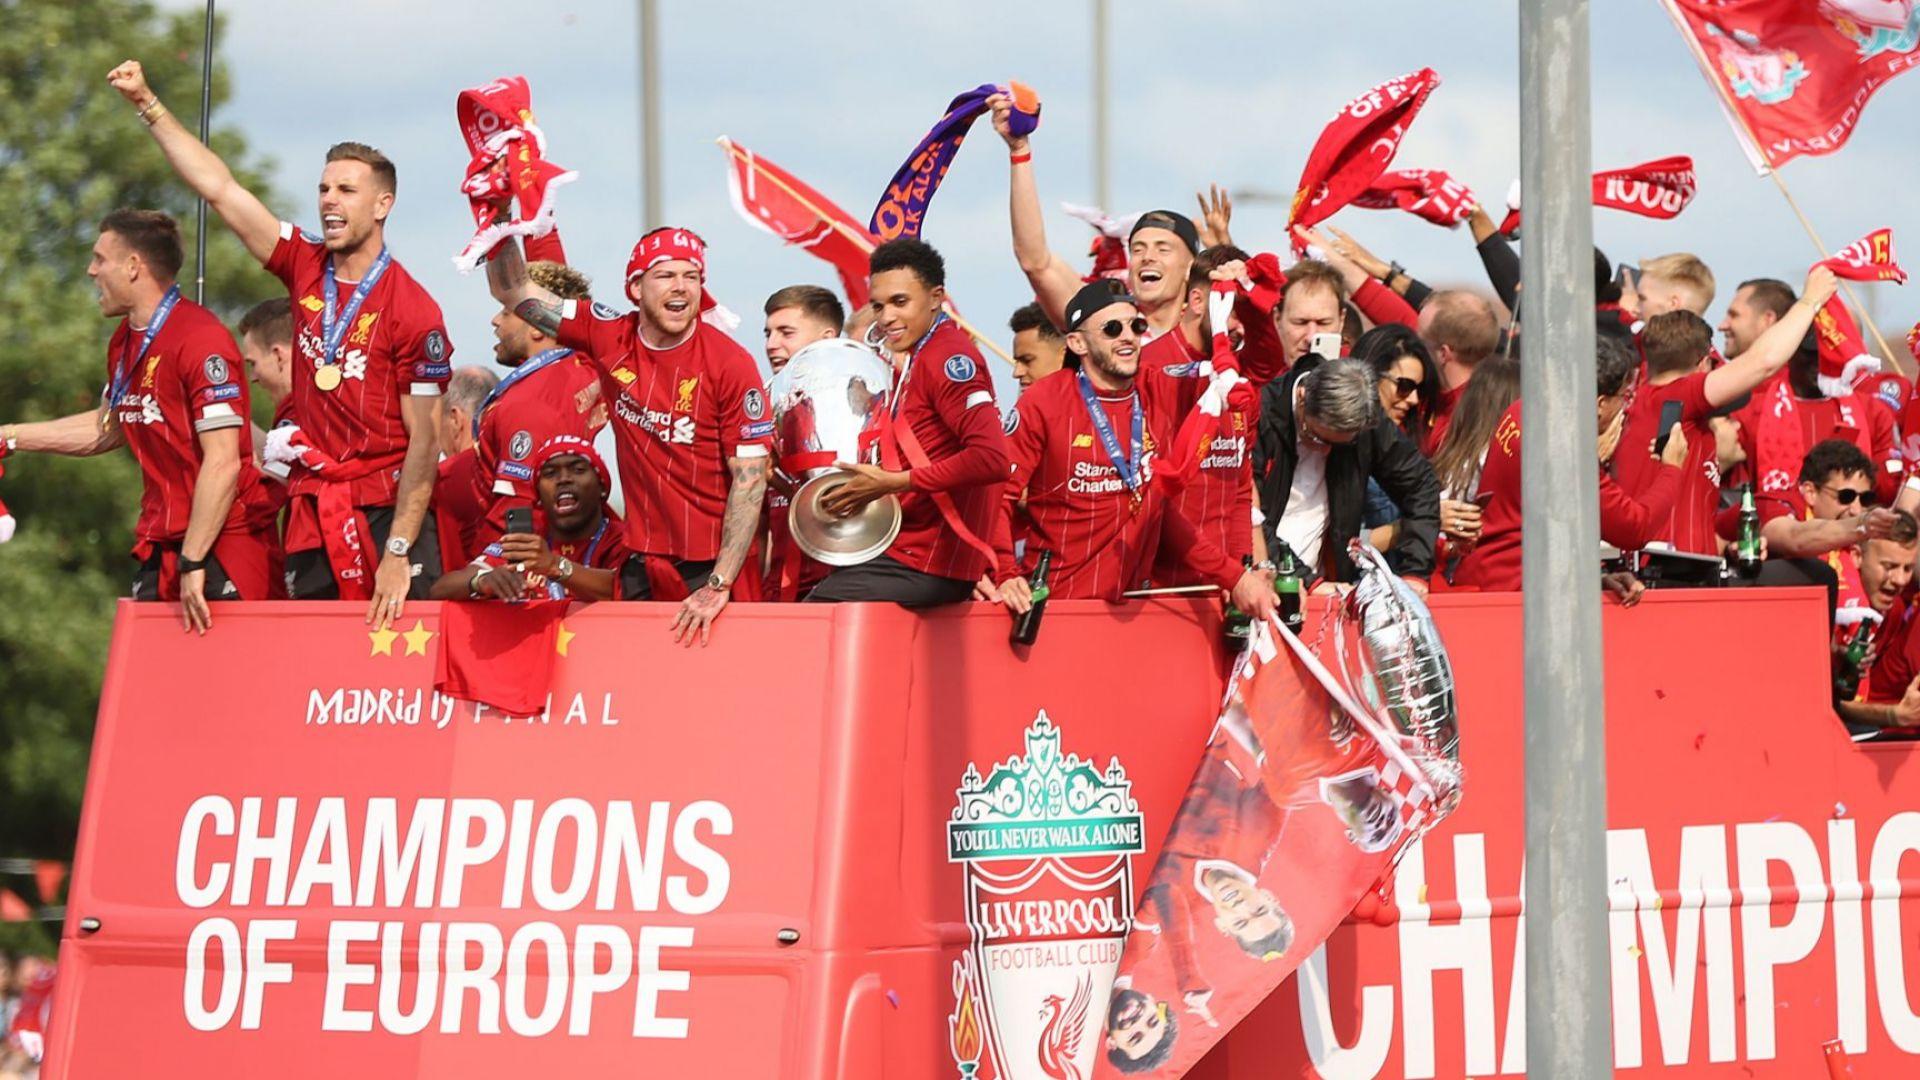 30 години по-късно: Ливърпул между Проклятието на Юнайтед и бленуваната титла